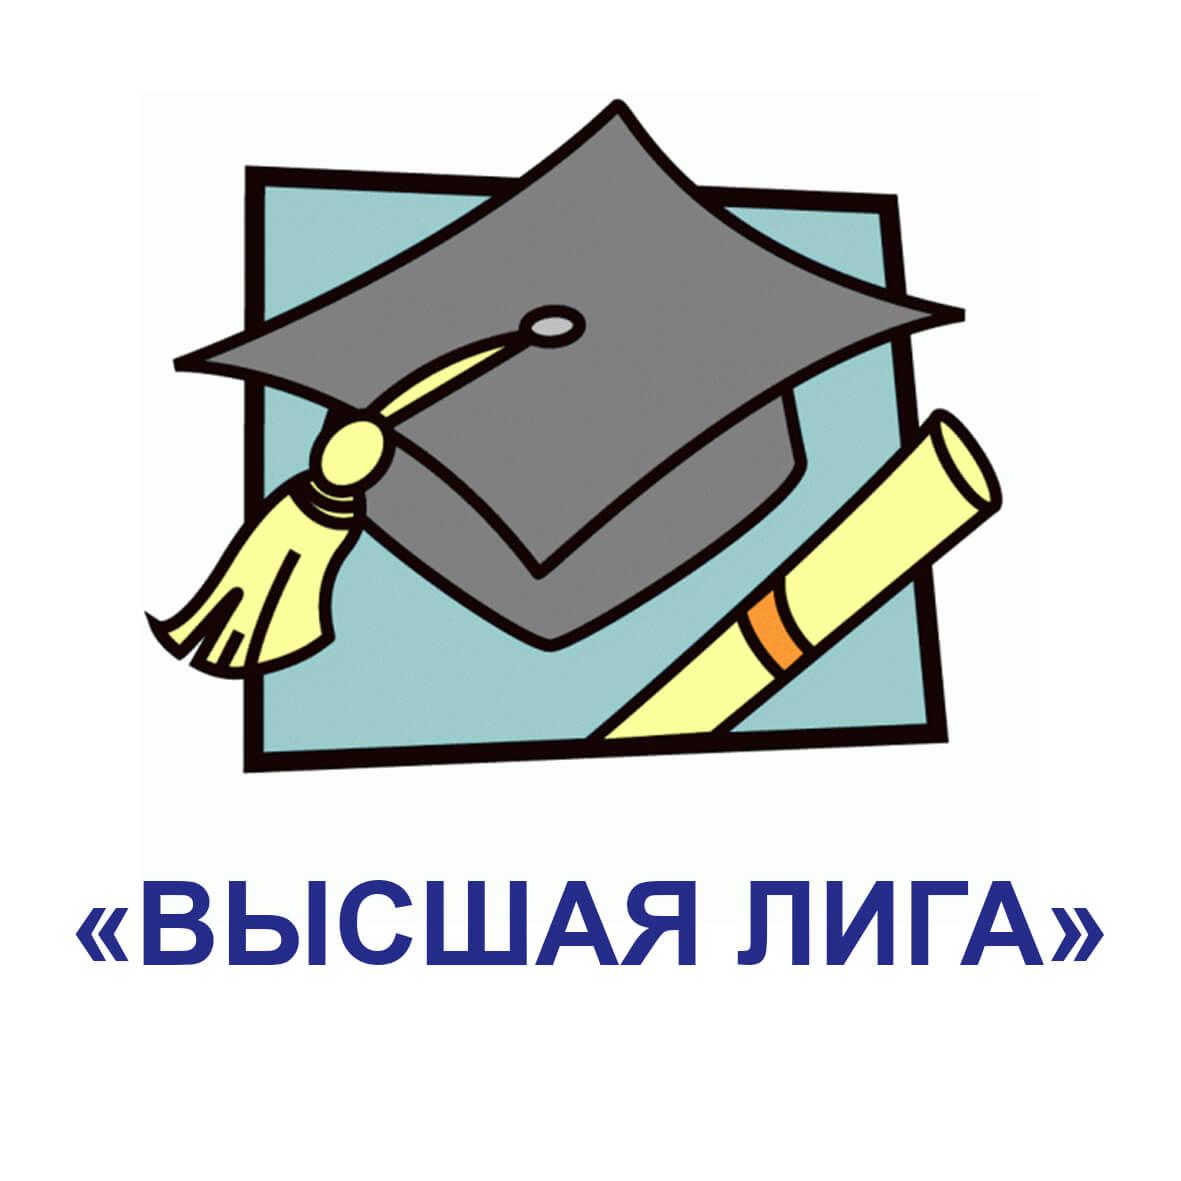 Олимпиада НИУ ВШЭ для студентов и выпускников